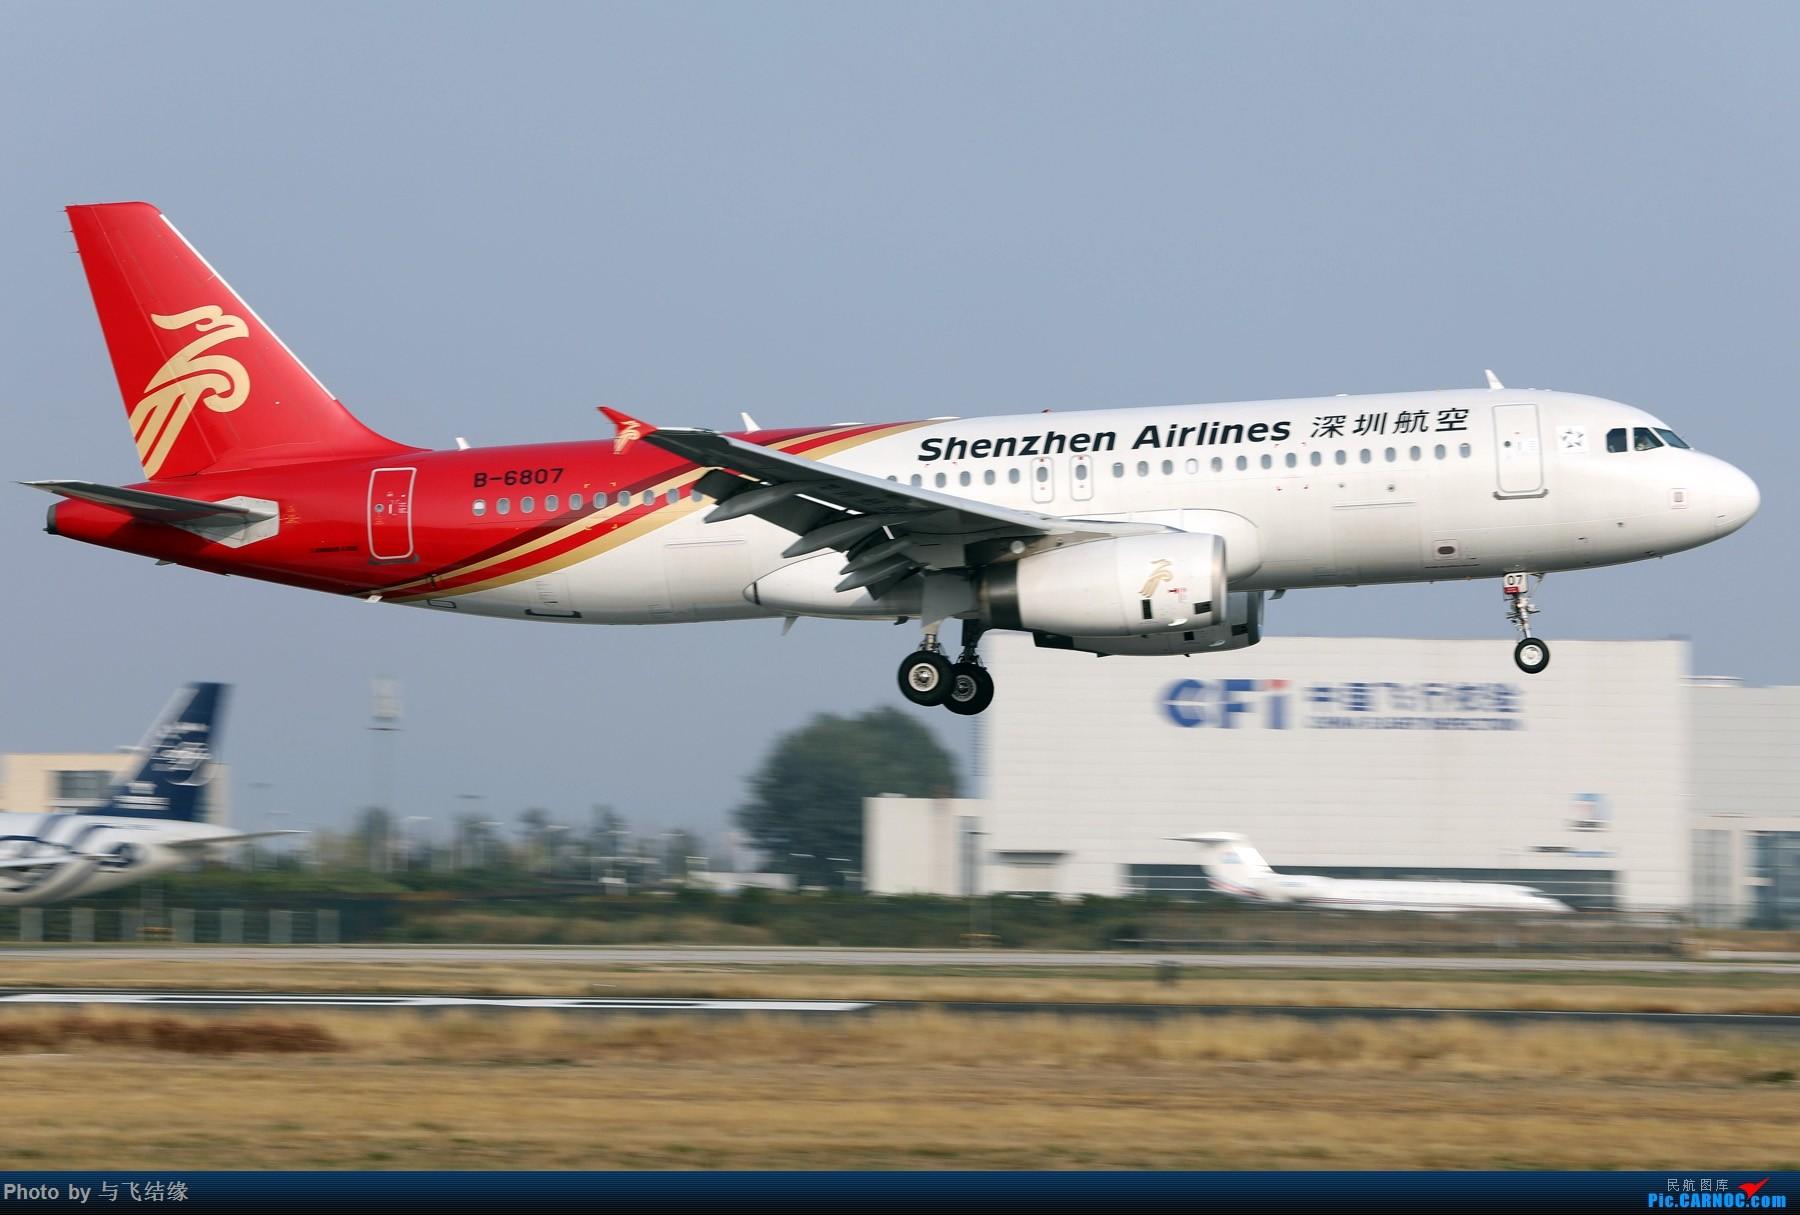 Re:深圳航空B-6807,Airbus A320-200在PEK降落瞬间三连拍。 AIRBUS A320-200 B-6807 中国北京首都国际机场